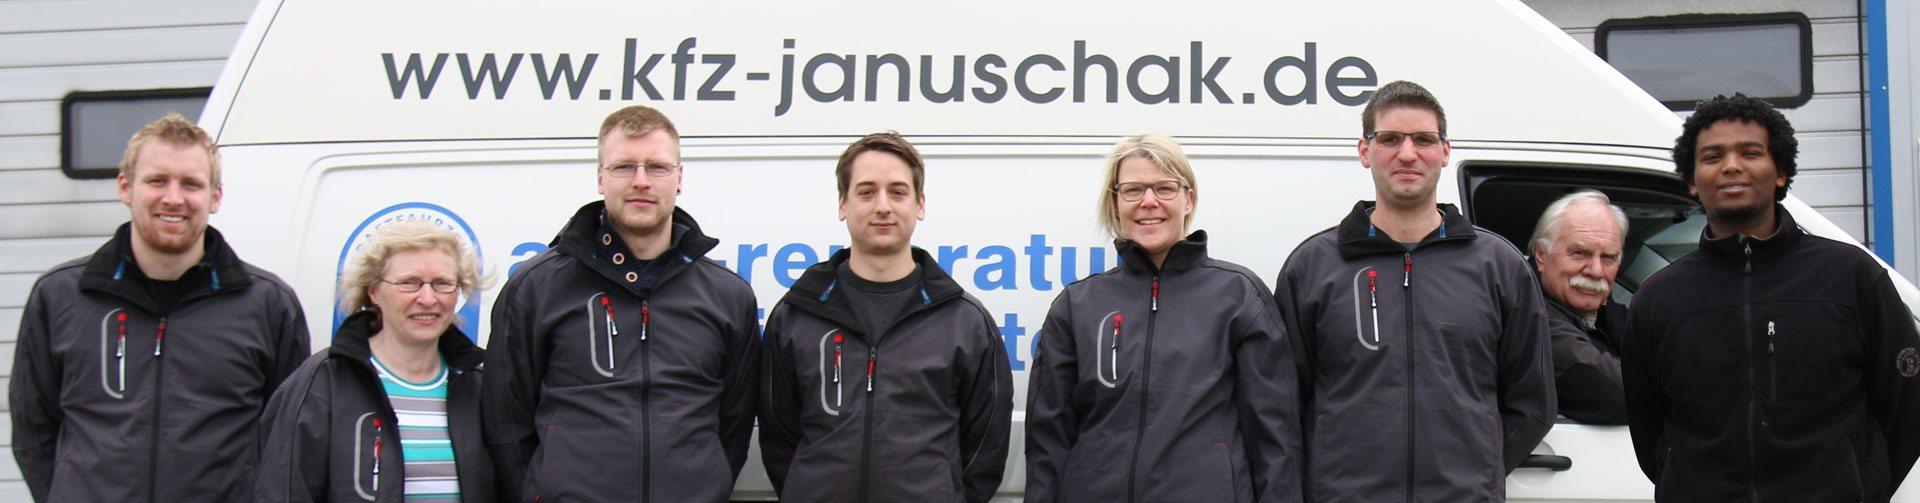 Januschak_Relaunch_Slider_Start_2